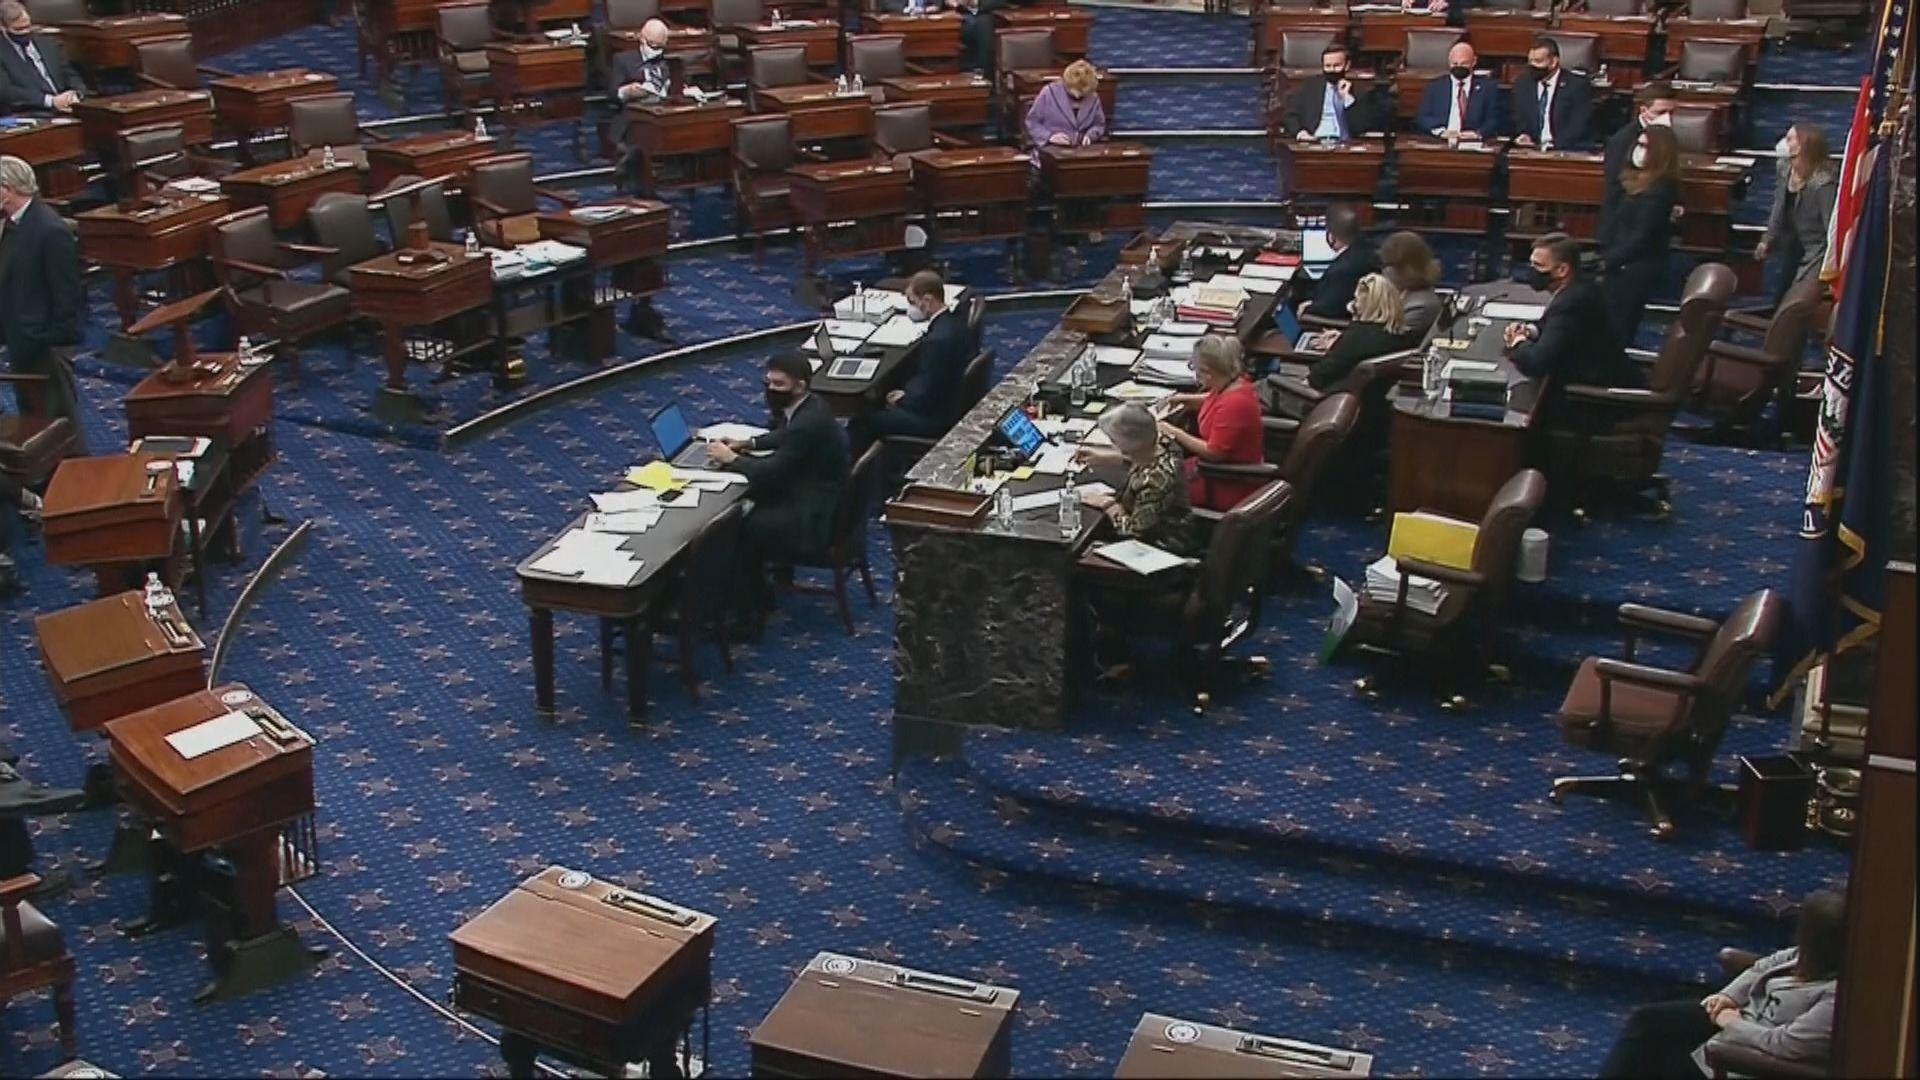 美國參議院通宵表決紓困方案修正案